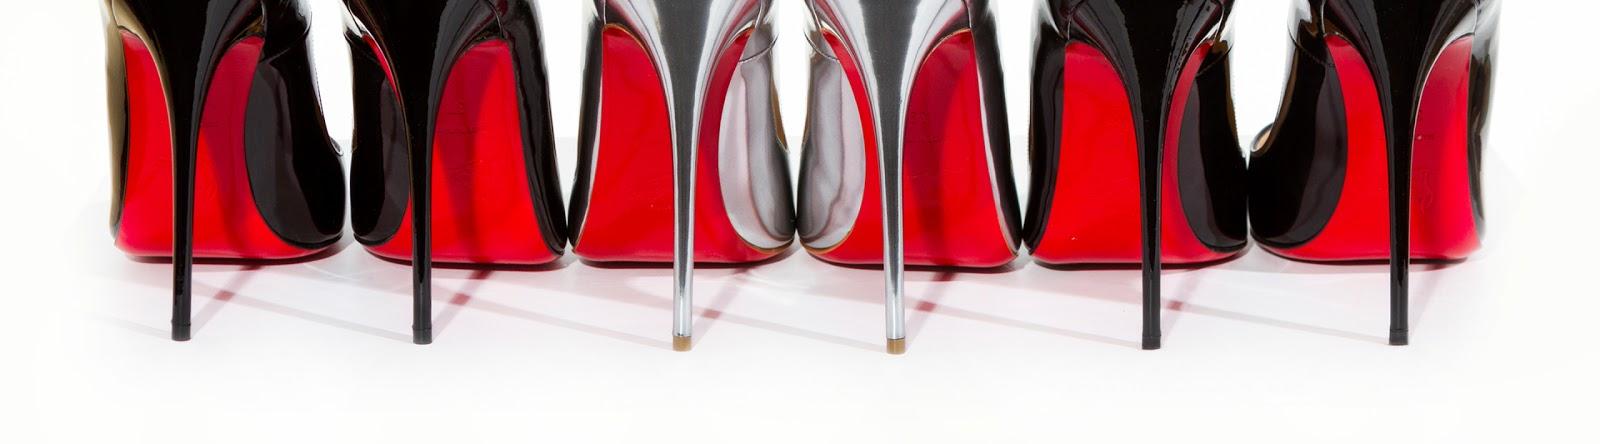 cb43c27ff83779 Indossare scarpe con suola rossa lucida vuol dire avere al piede una Christian  Louboutin